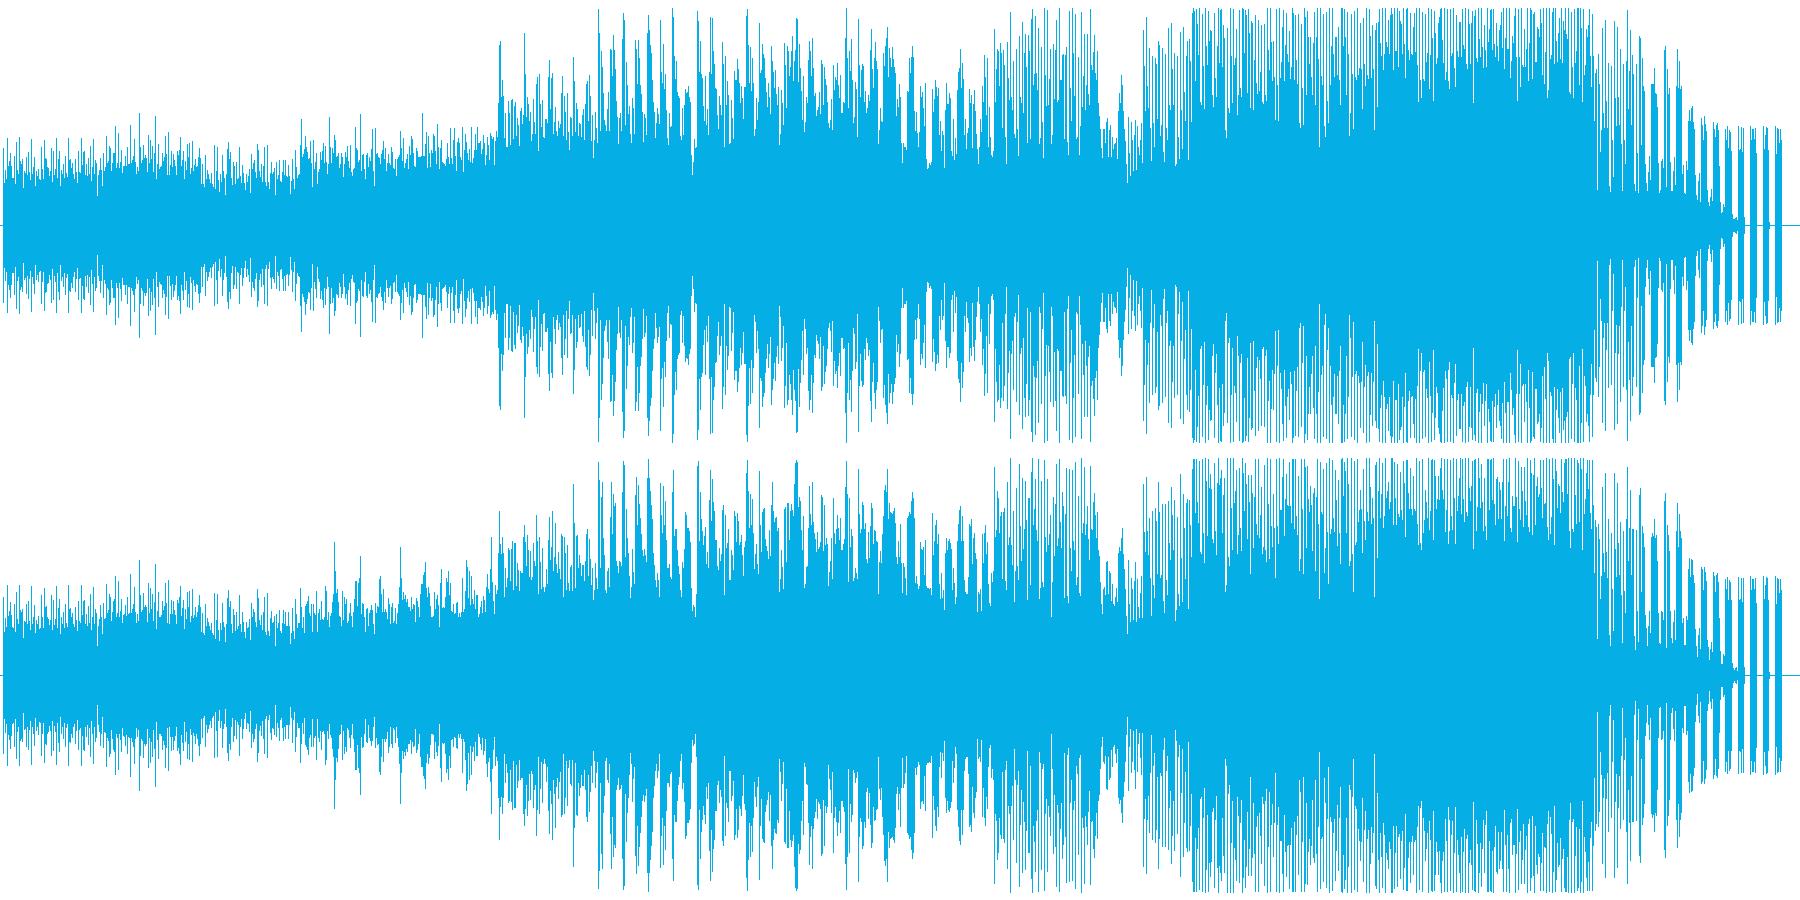 少し古さ感じる宇宙を感じるBGMの再生済みの波形